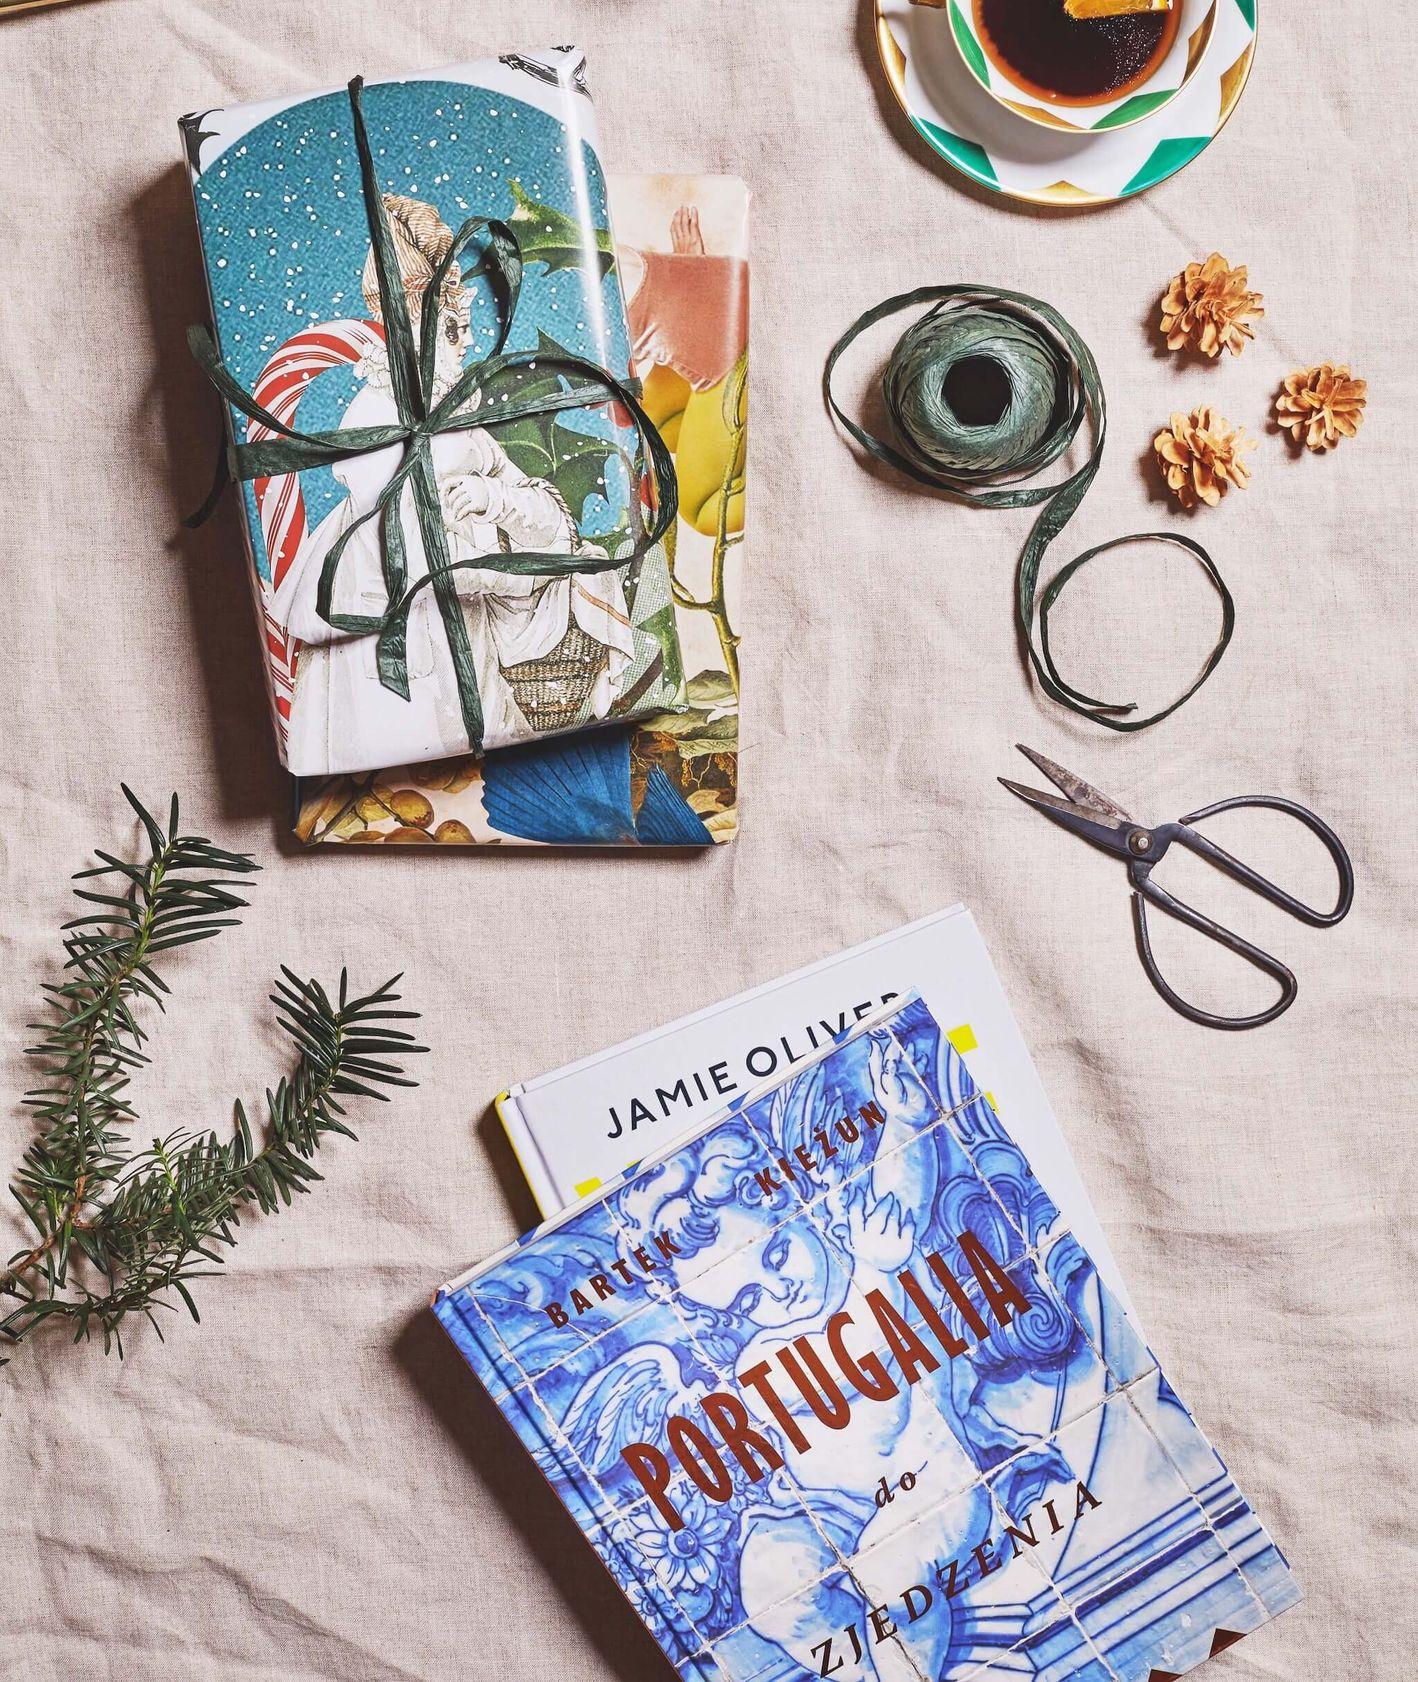 """Książki zapakowane w świąteczne papiery, nożyczki i tasiemki do pakowania prezentów, """"Wege"""" Jamiego Olivera i """"Portugalia"""" Bartka Kieżuna (fot. Maciej Niemojewski)"""